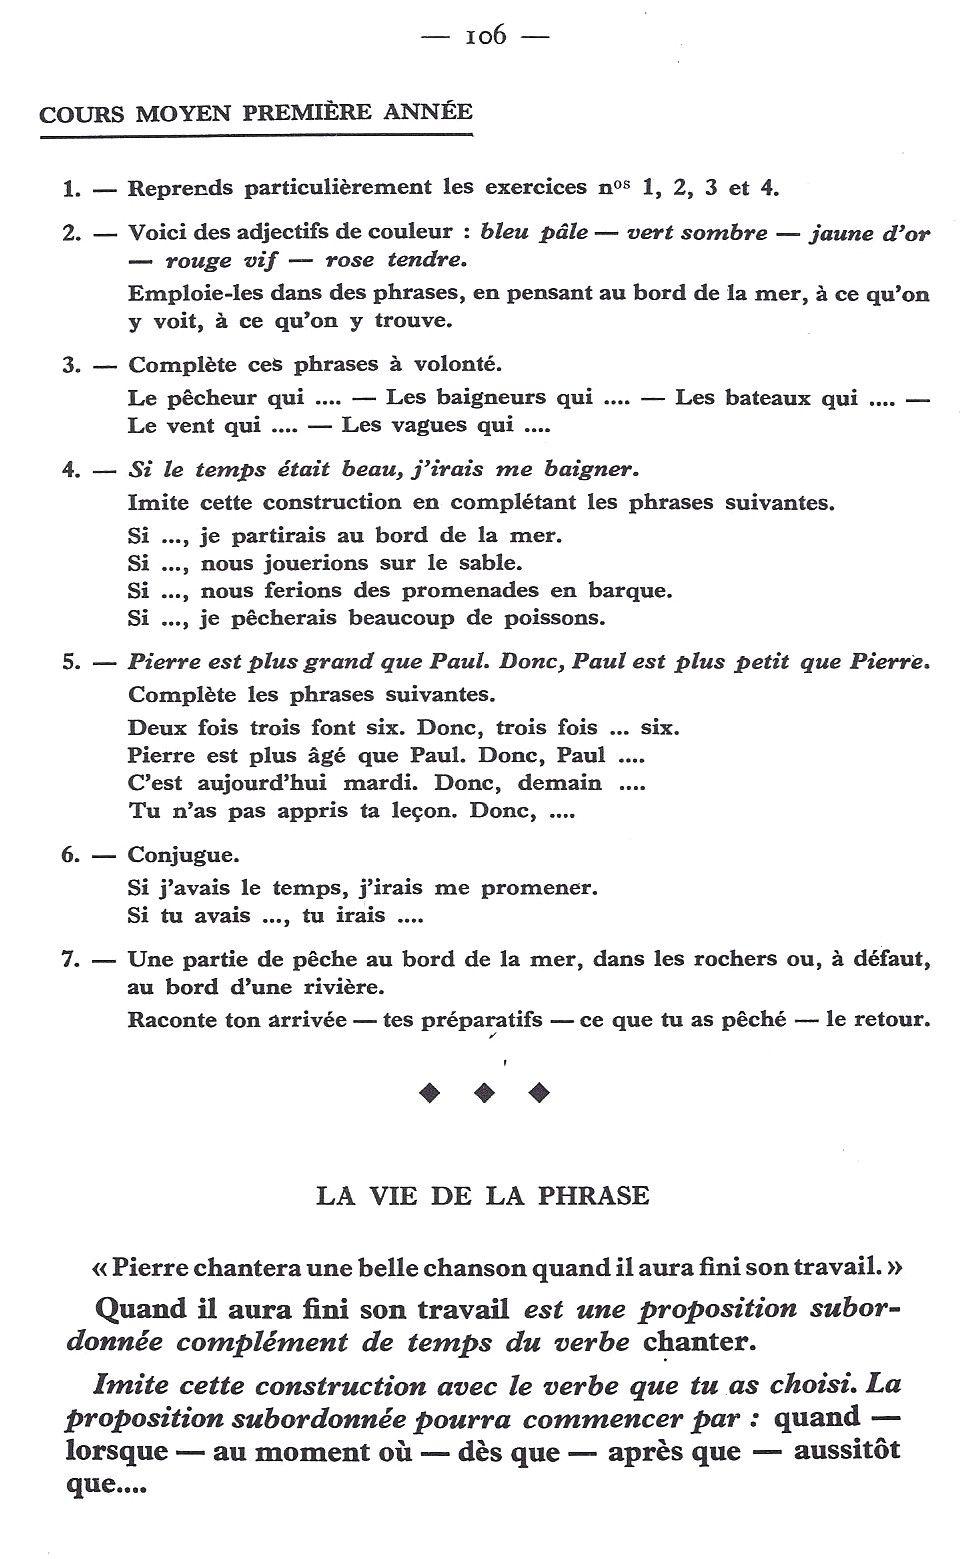 Comment rédiger ? CECM (Beaudouin, Groisard) Livres en